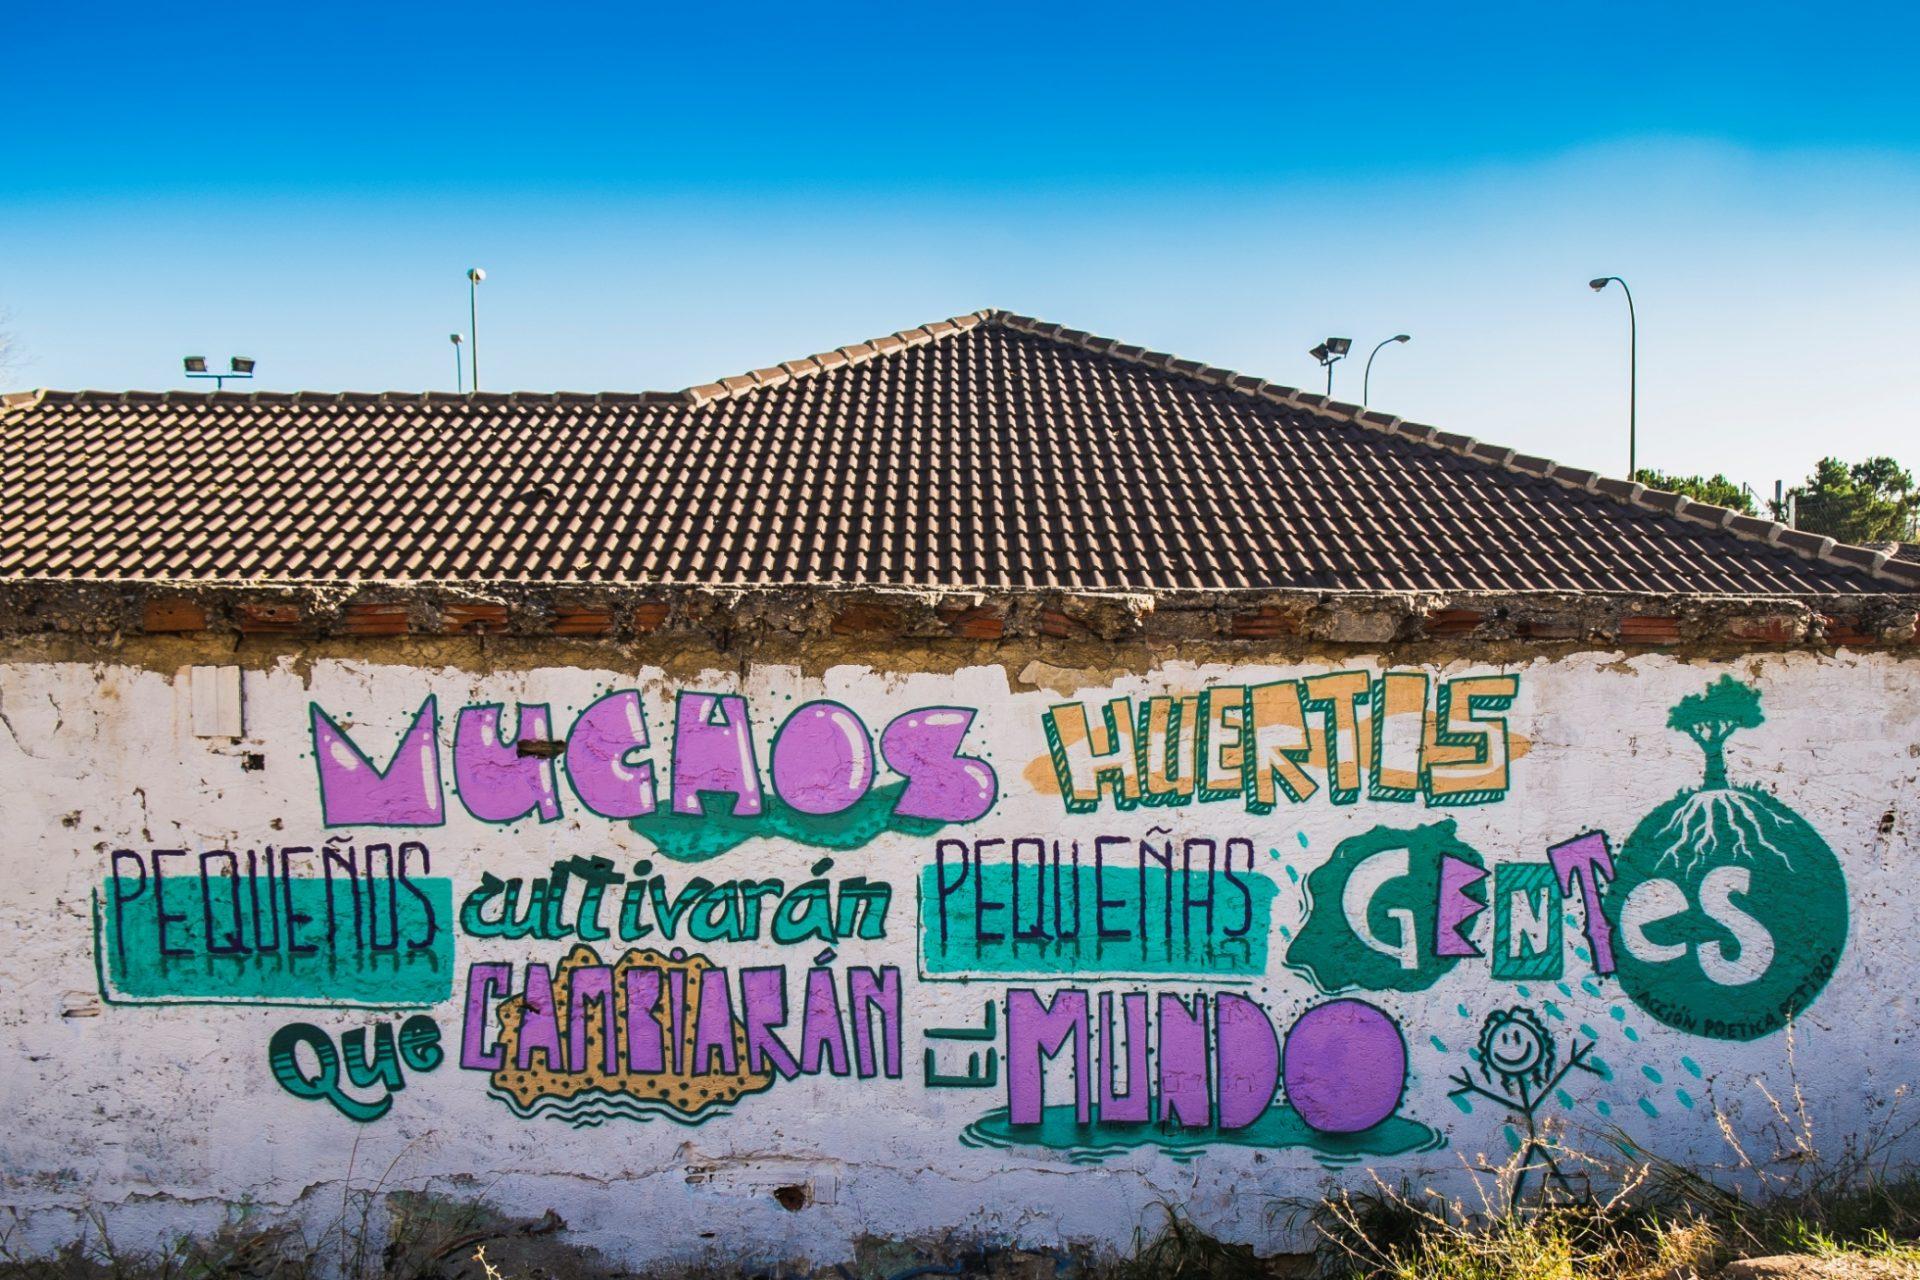 Mural of Adelfas community garden. Credit: Alberto del Rio